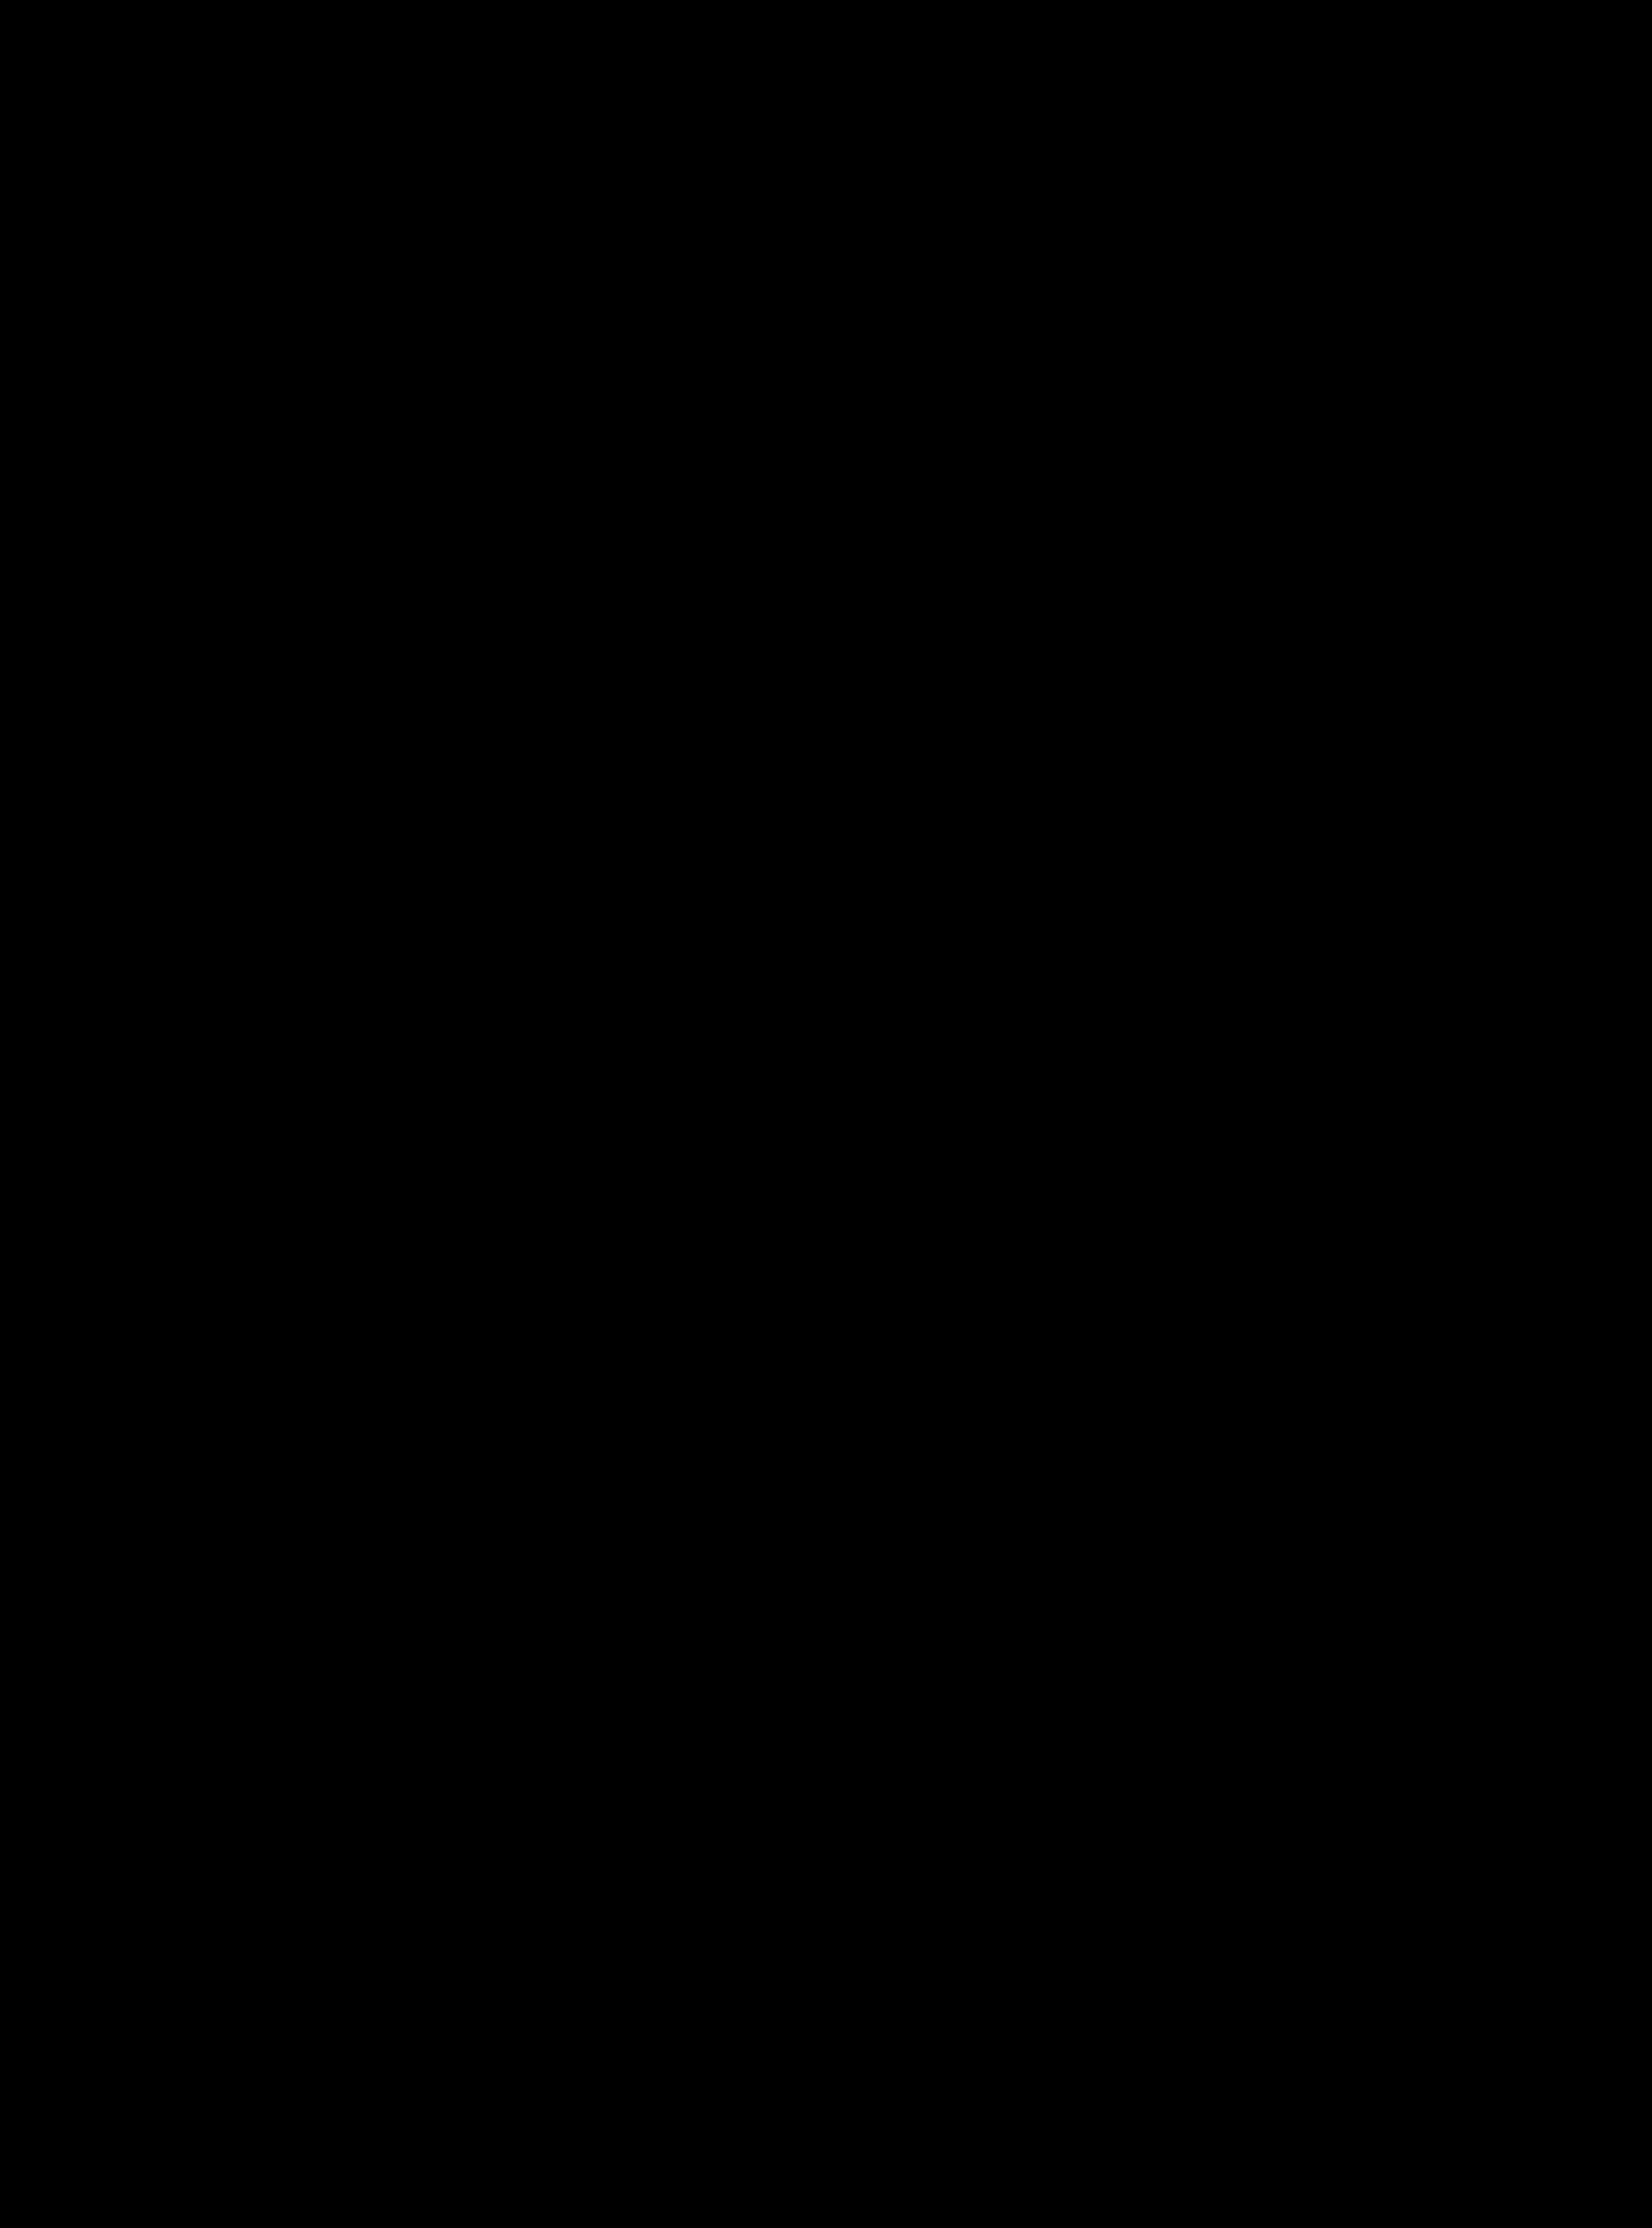 Optical Illusion clipart transparent (2) Illusion Clipart Optical Illusion